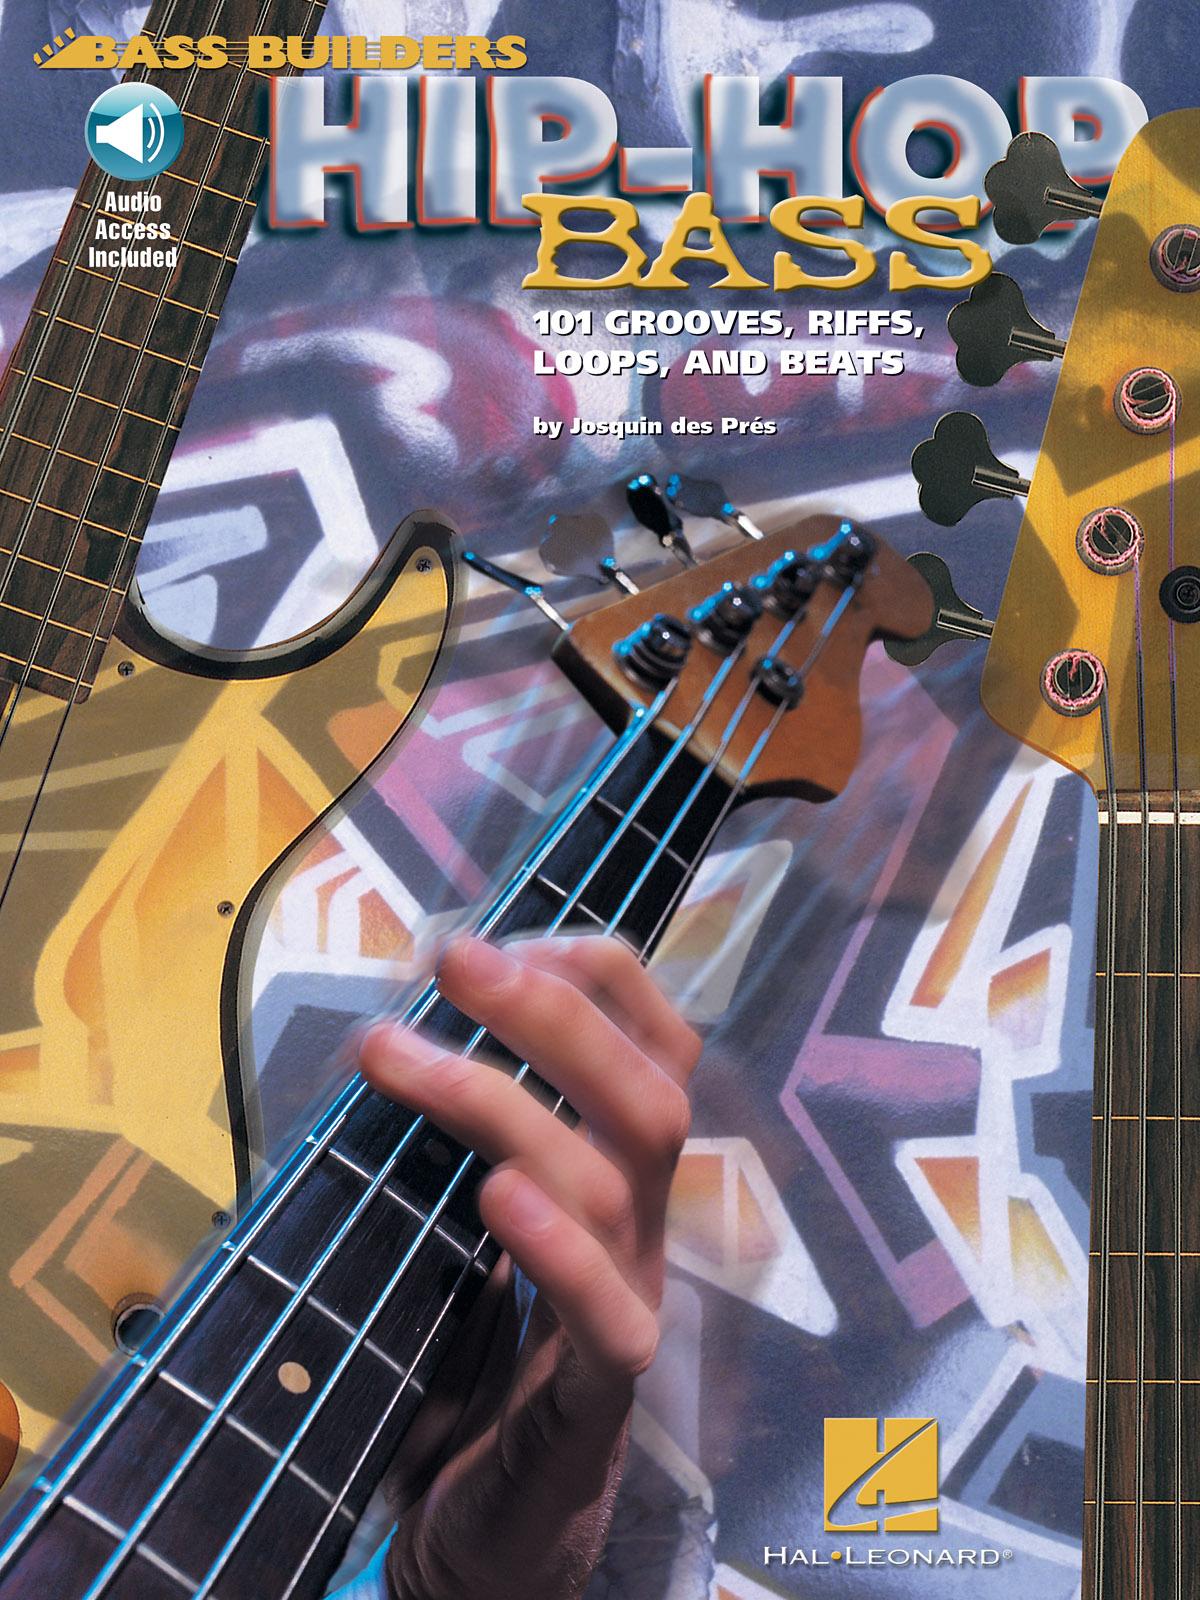 Josquin des Prés: Bass Builder's Hip-Hop Bass: Bass Guitar Solo: Instrumental